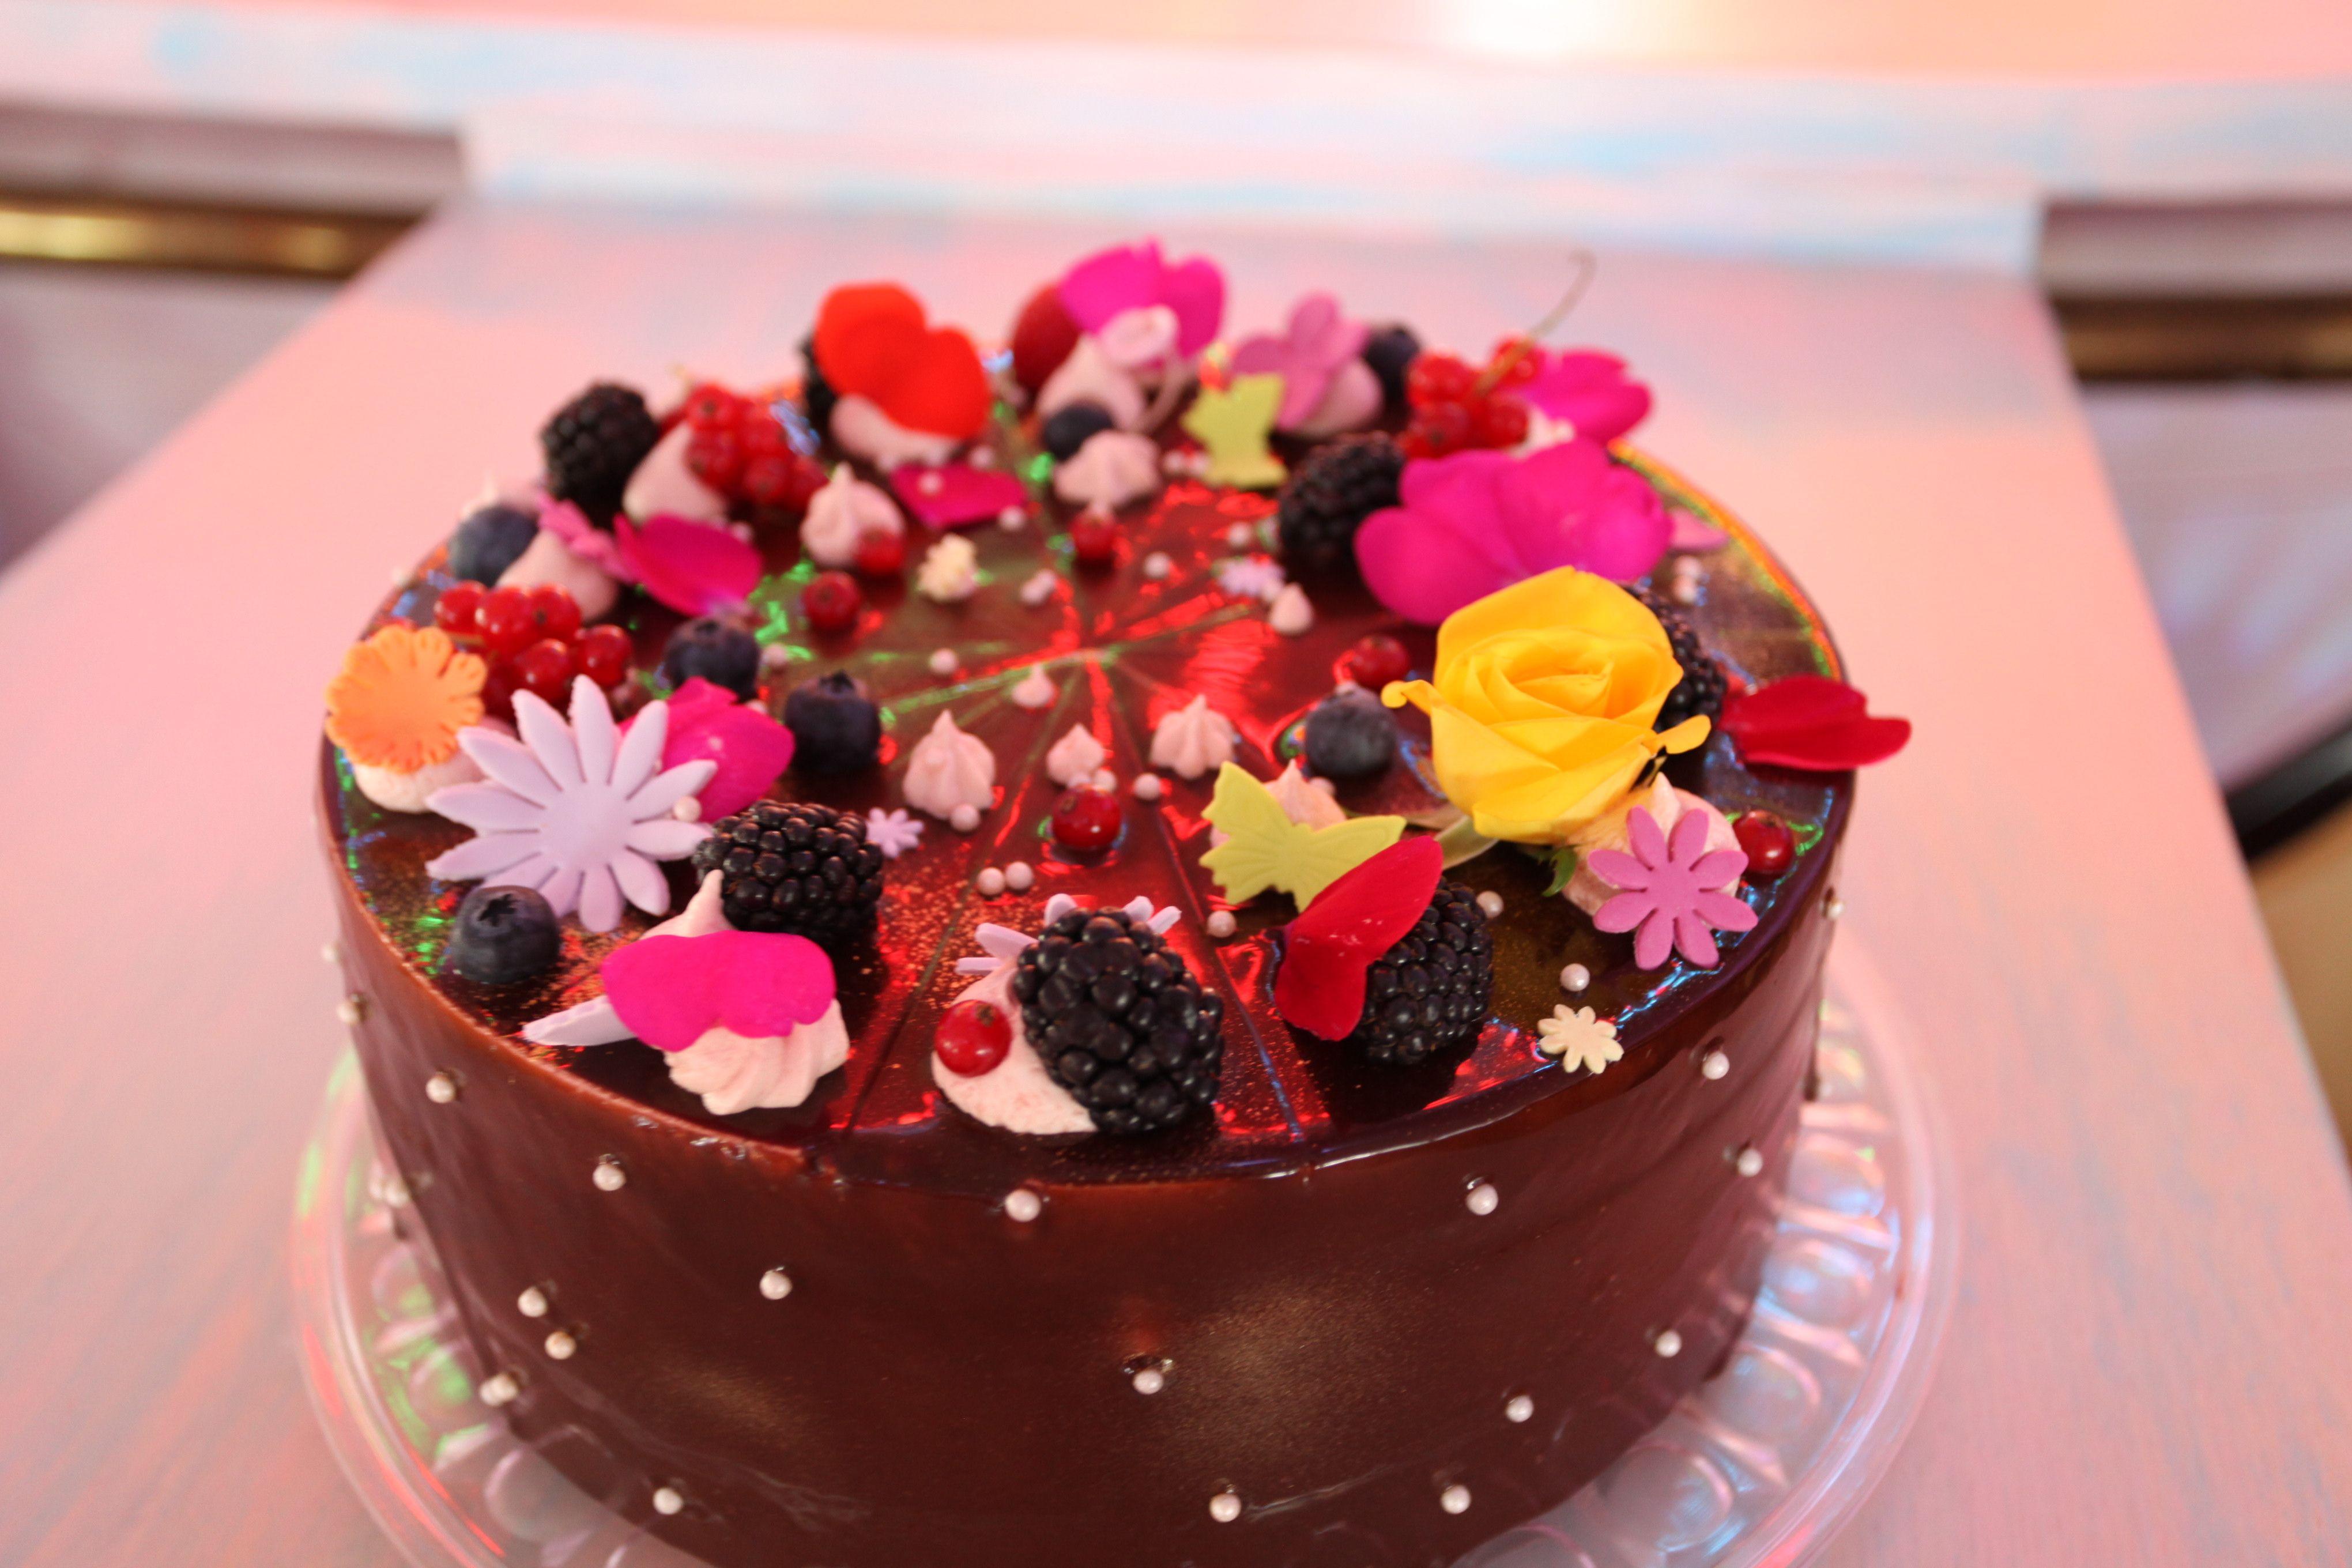 Zucker Suesse Torten Kuchen Und Cupcakes Dazu Noch Ein Klitzer